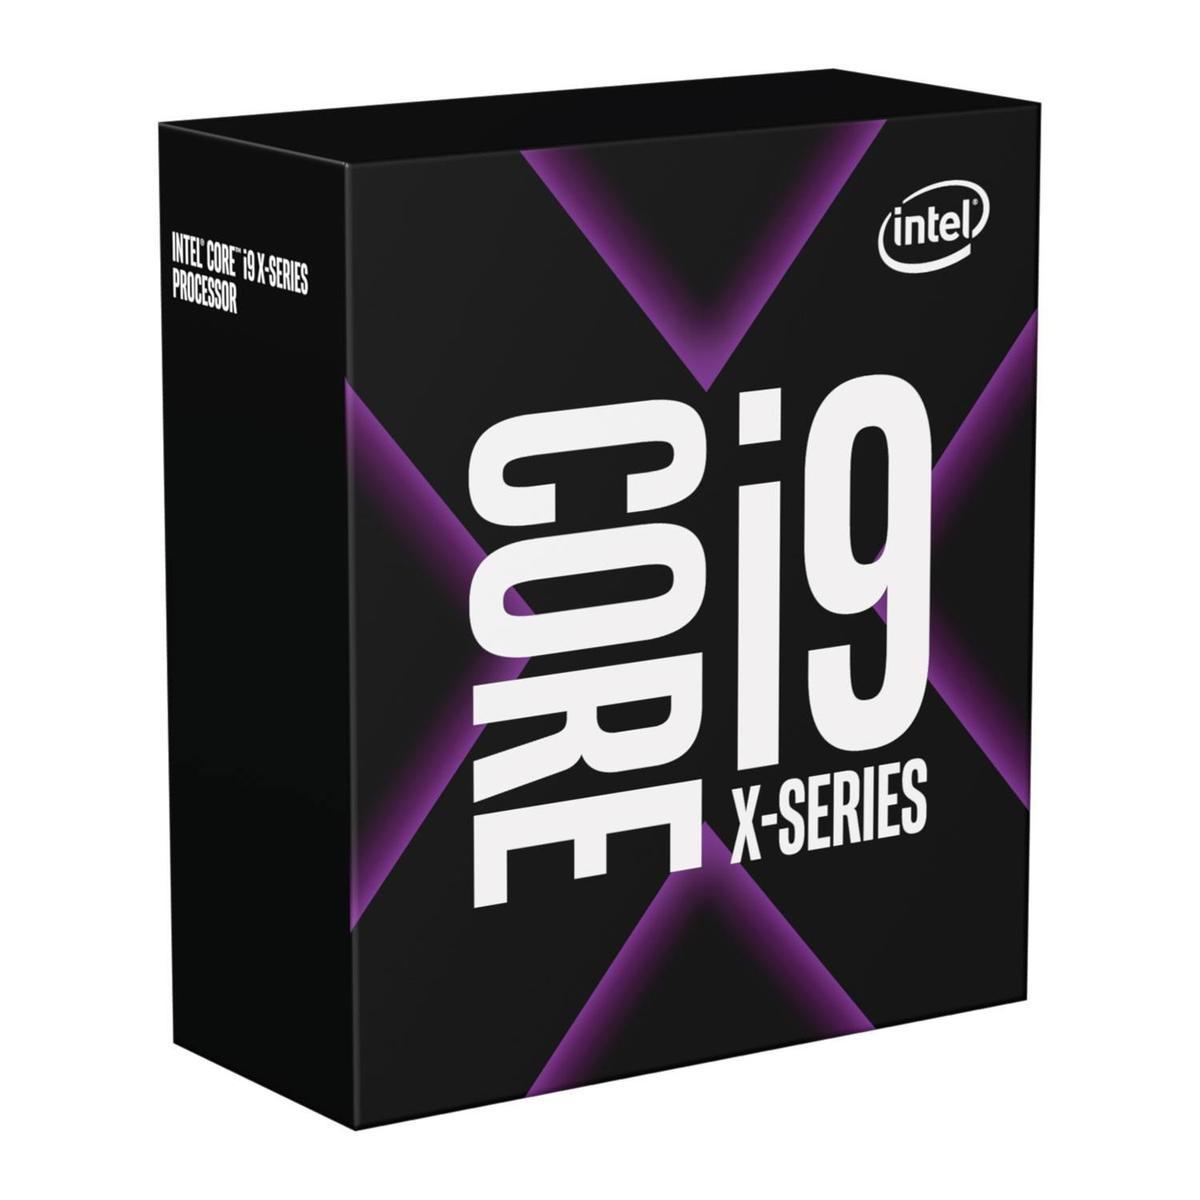 Intel Core i9-10940X 3.3 GHz 14-Core Processor